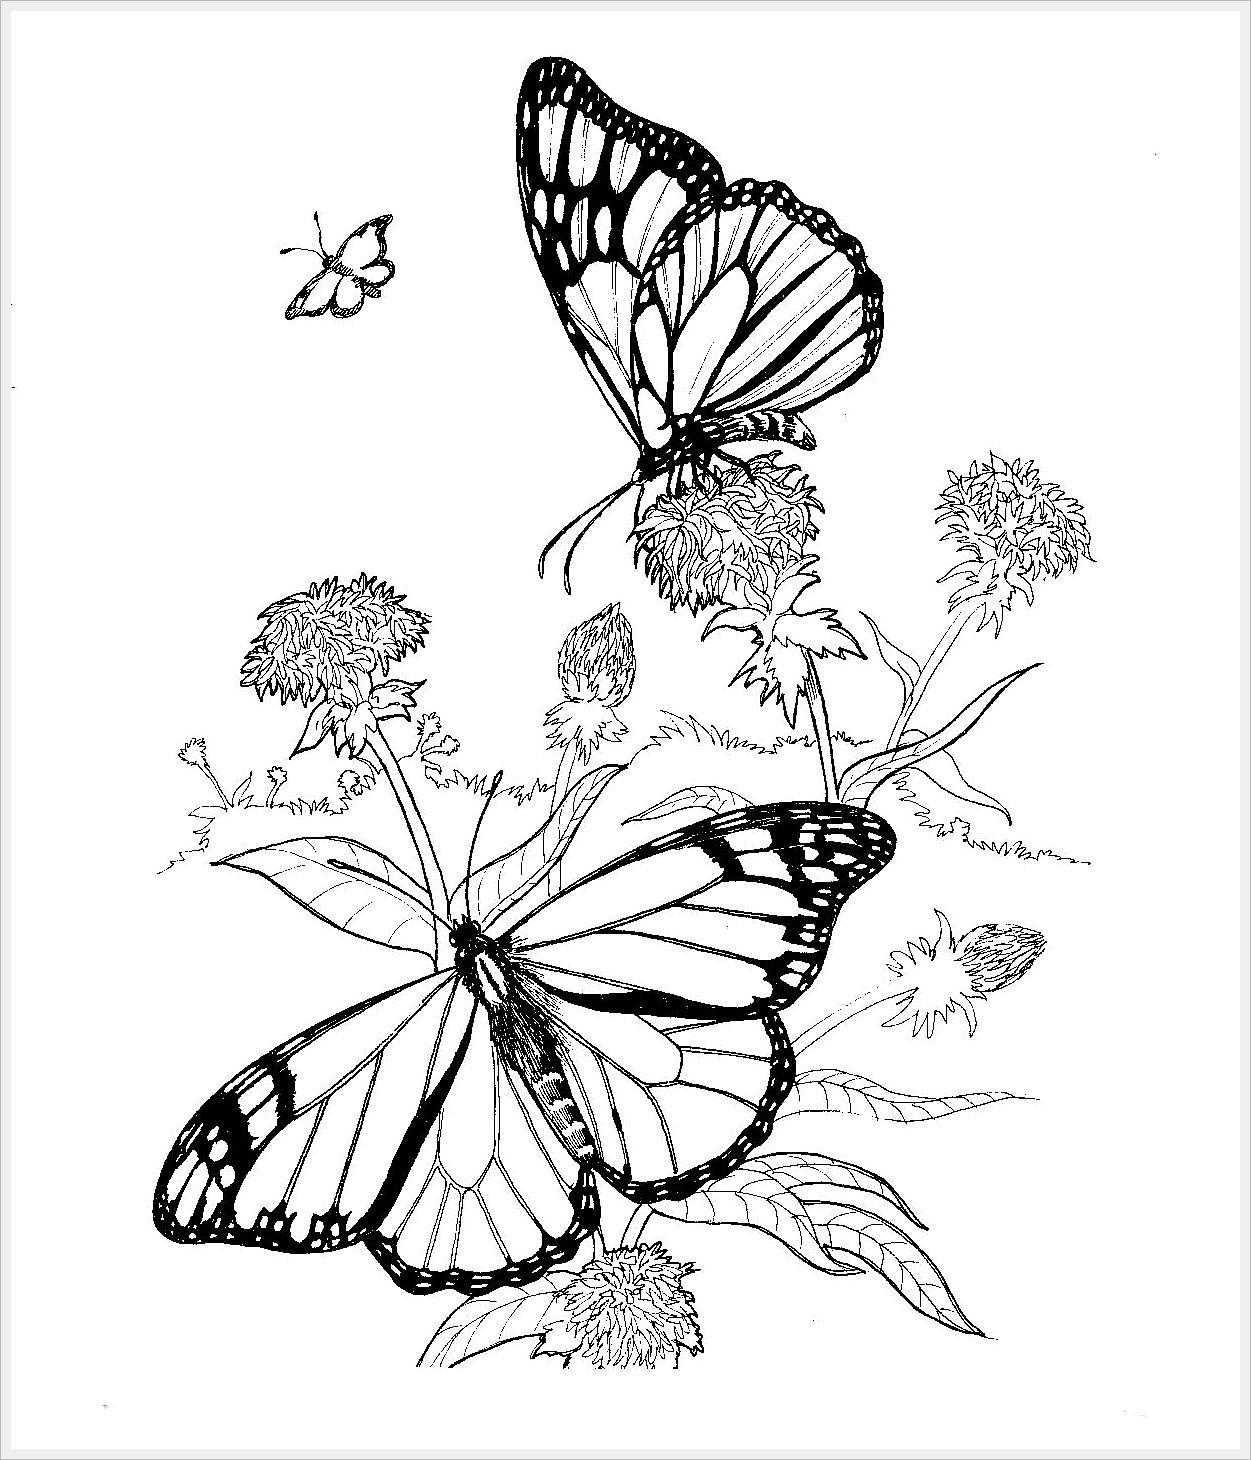 Бабочки. Раскраска от Jan Sovak. Обсуждение на ...